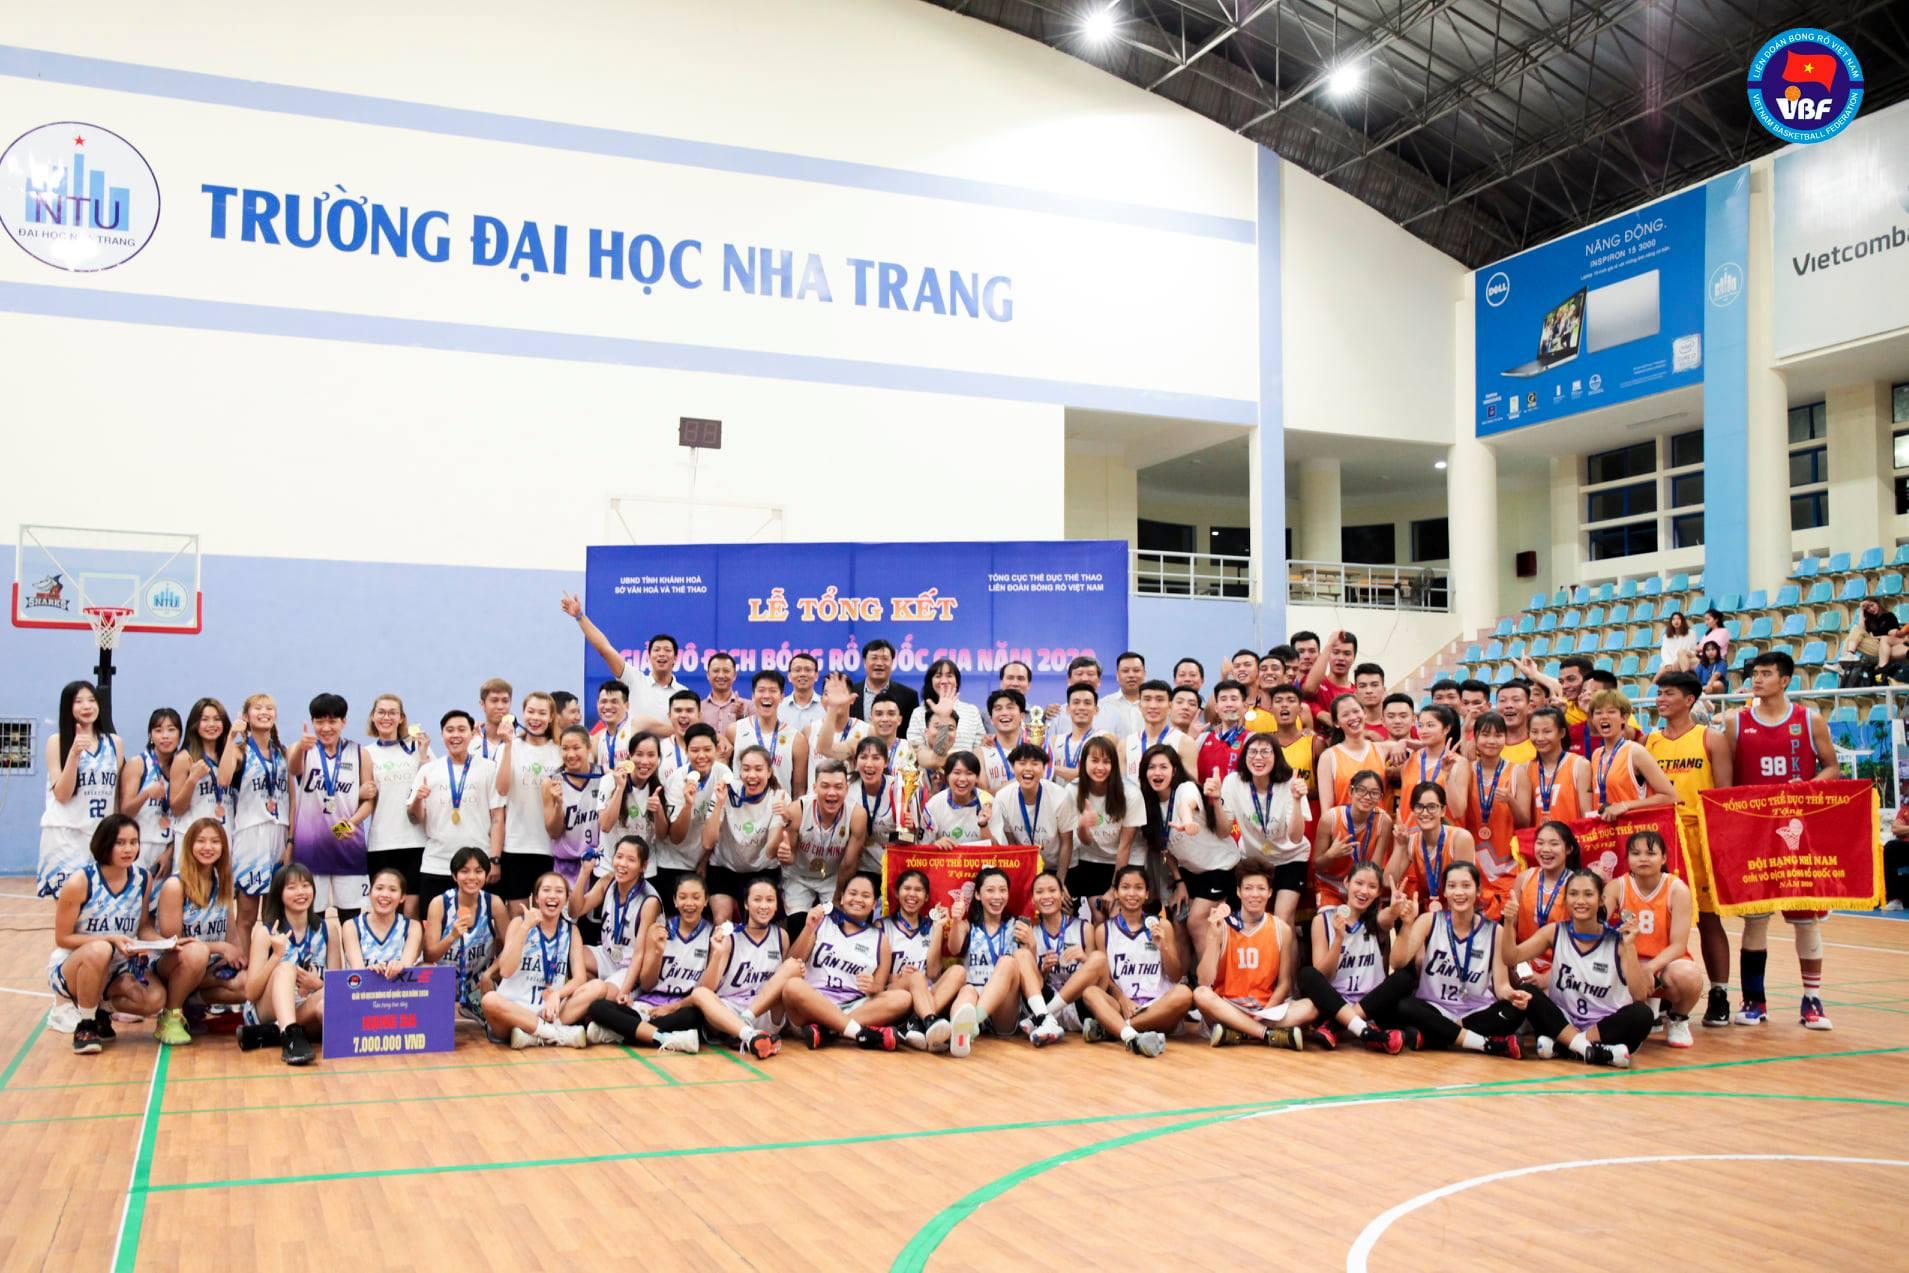 Hình ảnh: TP.HCM thống trị giải vô địch bóng rổ quốc gia năm 2020 số 3